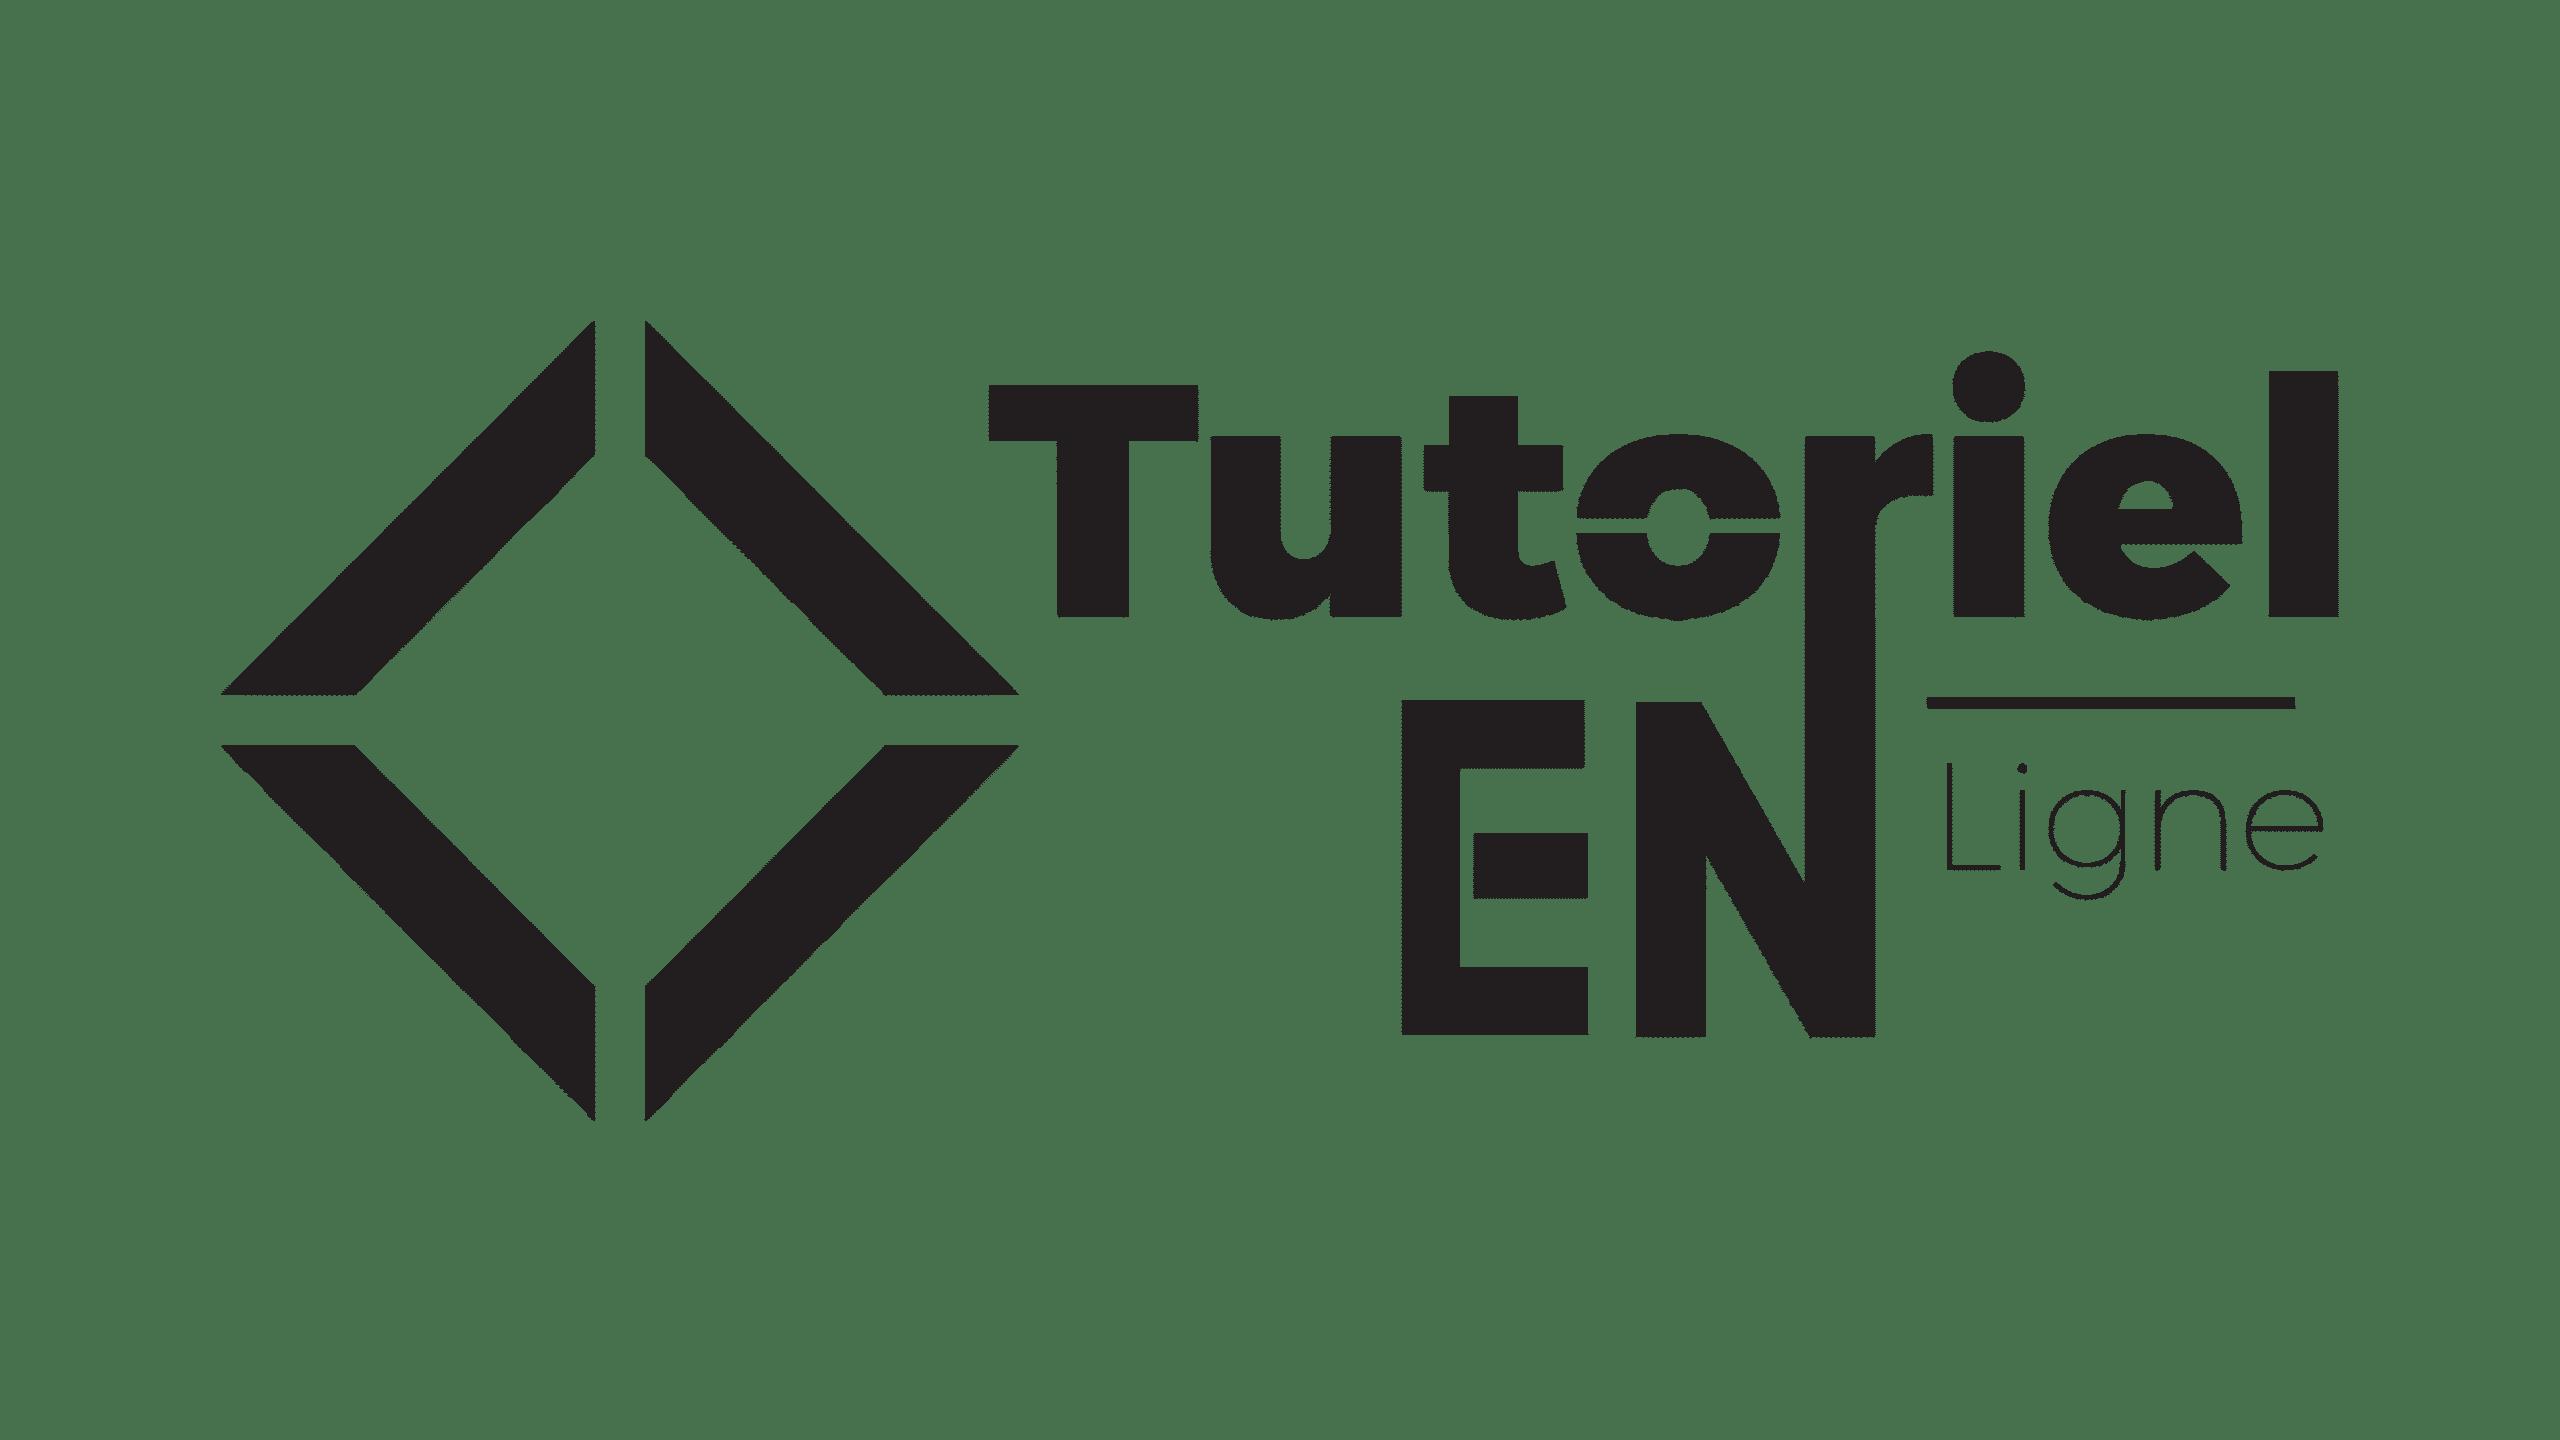 logo noir tutoriel en ligne